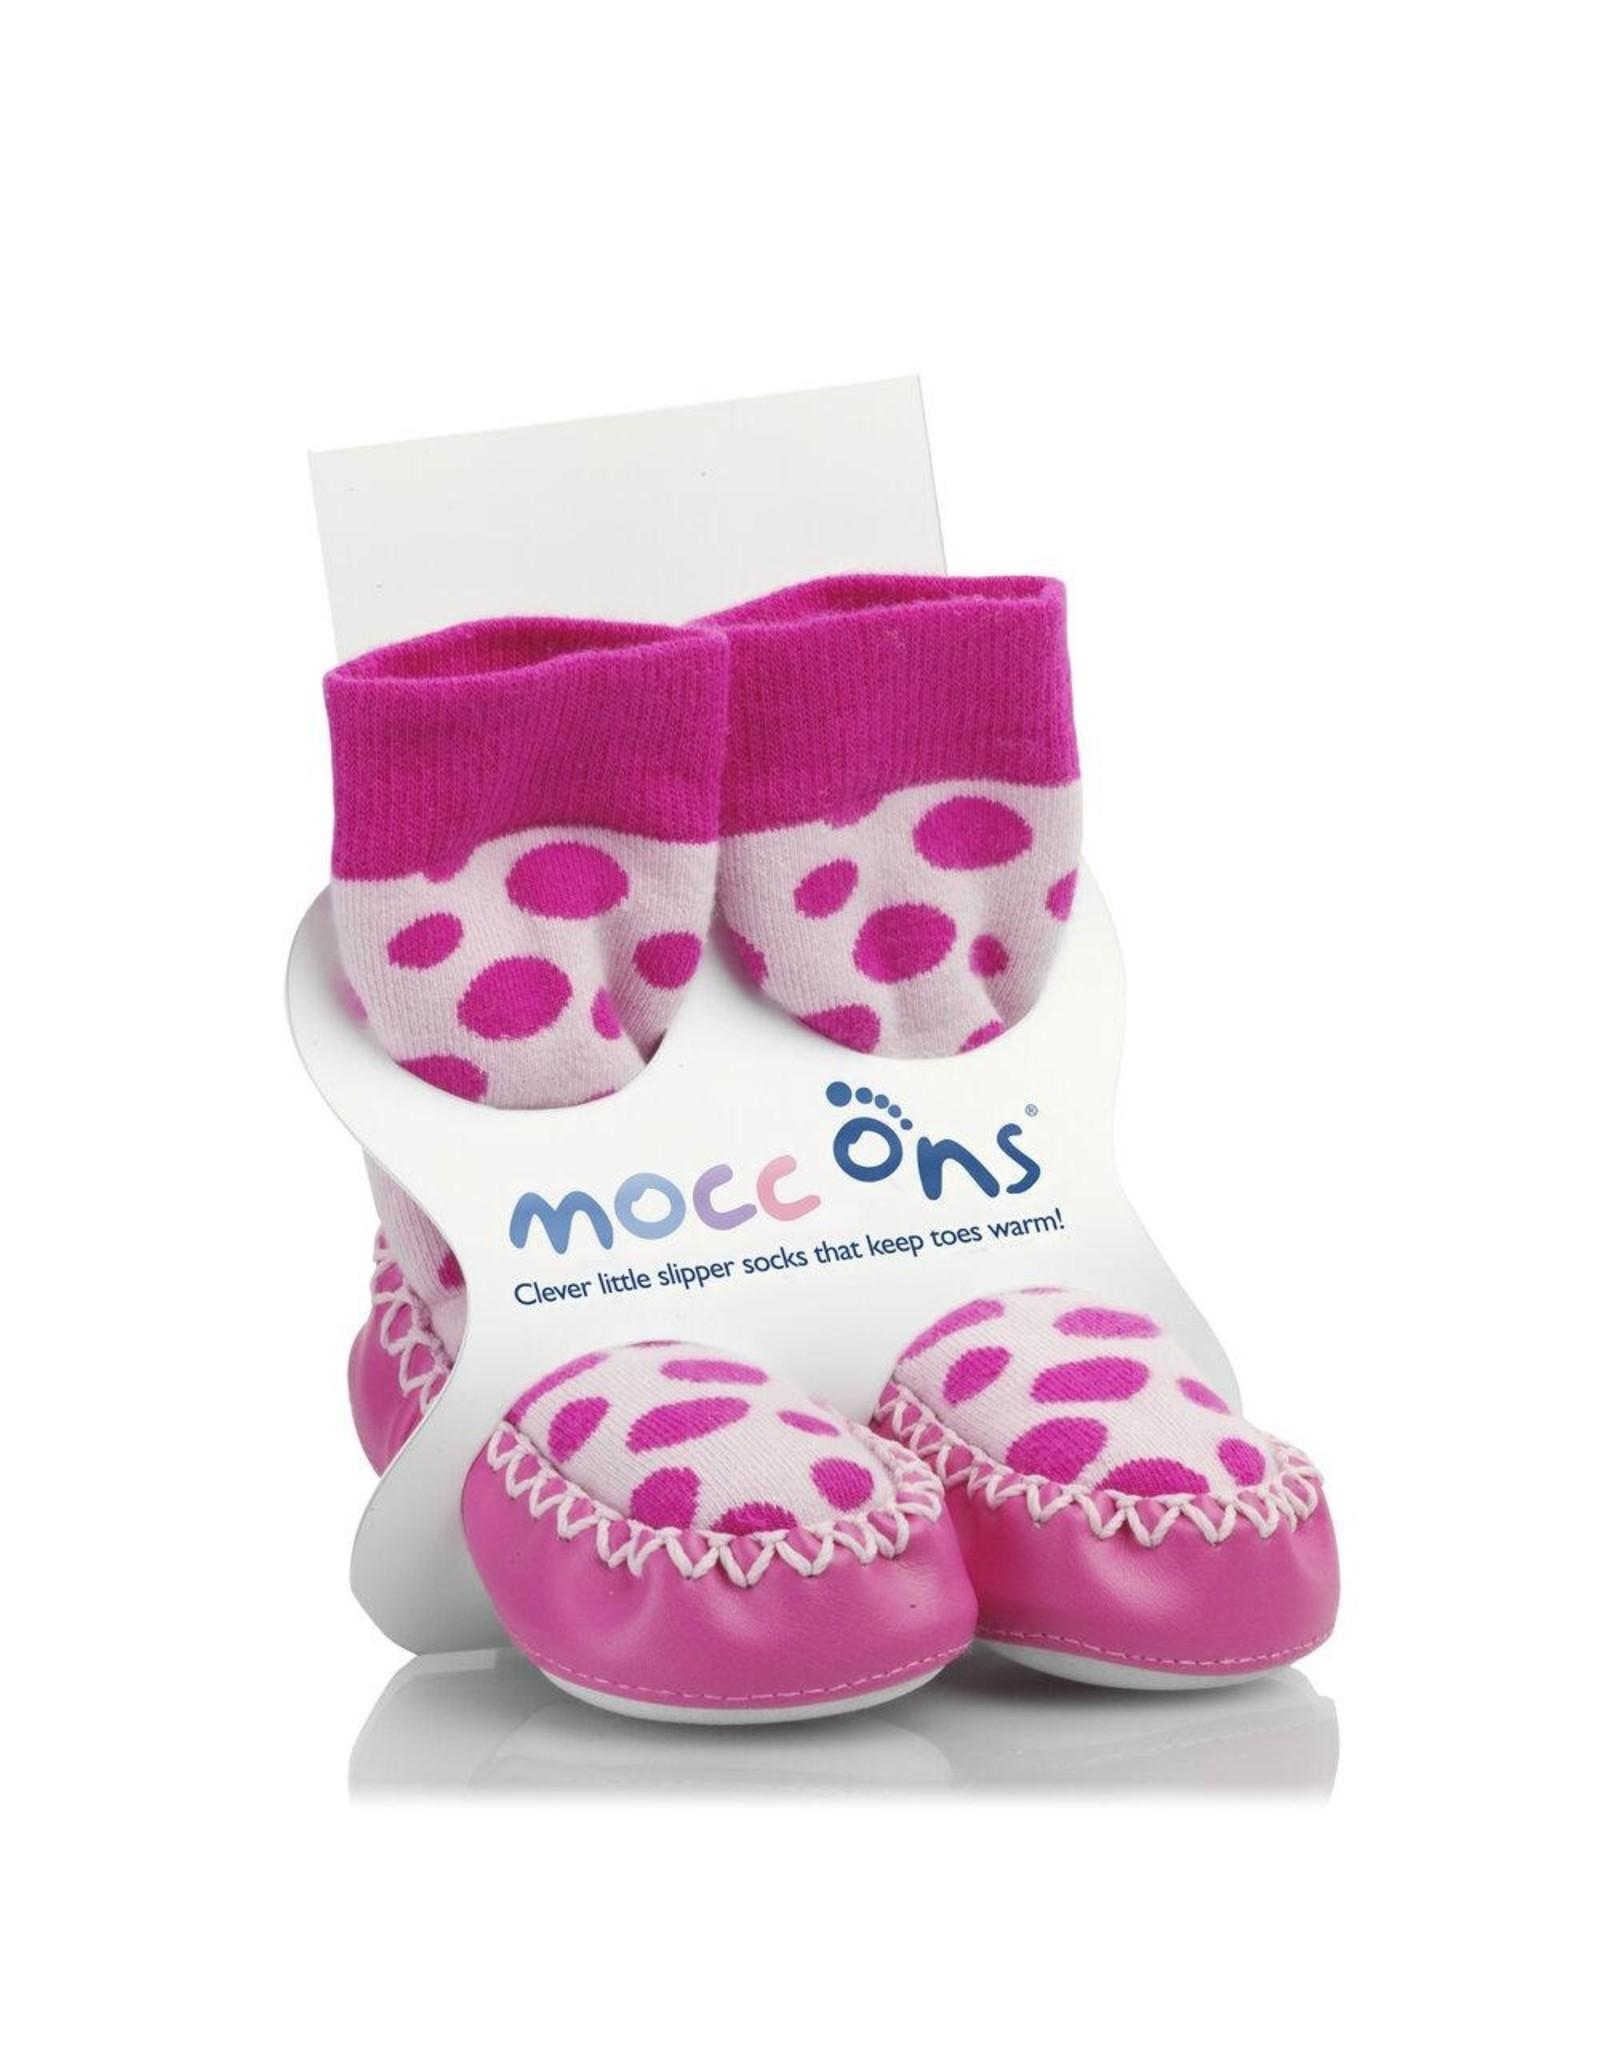 Mocc ons Mocc Ons- Floral